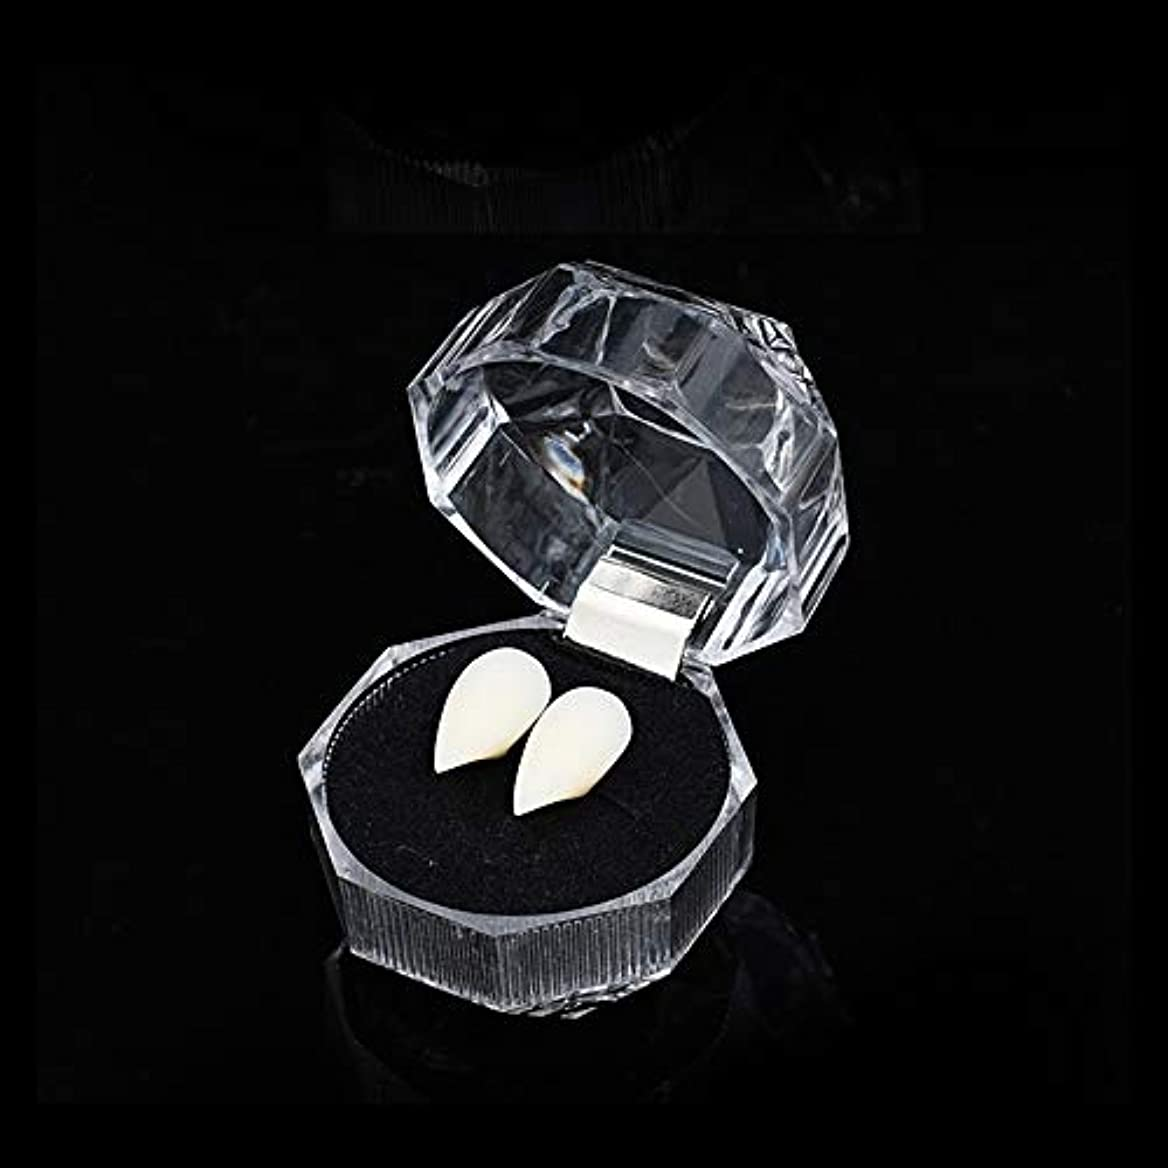 報酬の裏切りファランクス2ピースユニセックスハロウィーン義歯仮面舞踏会の小道具、ロールプレイング偽歯幽霊(13 mm、15 mm、17 mm、19 mm),17mm